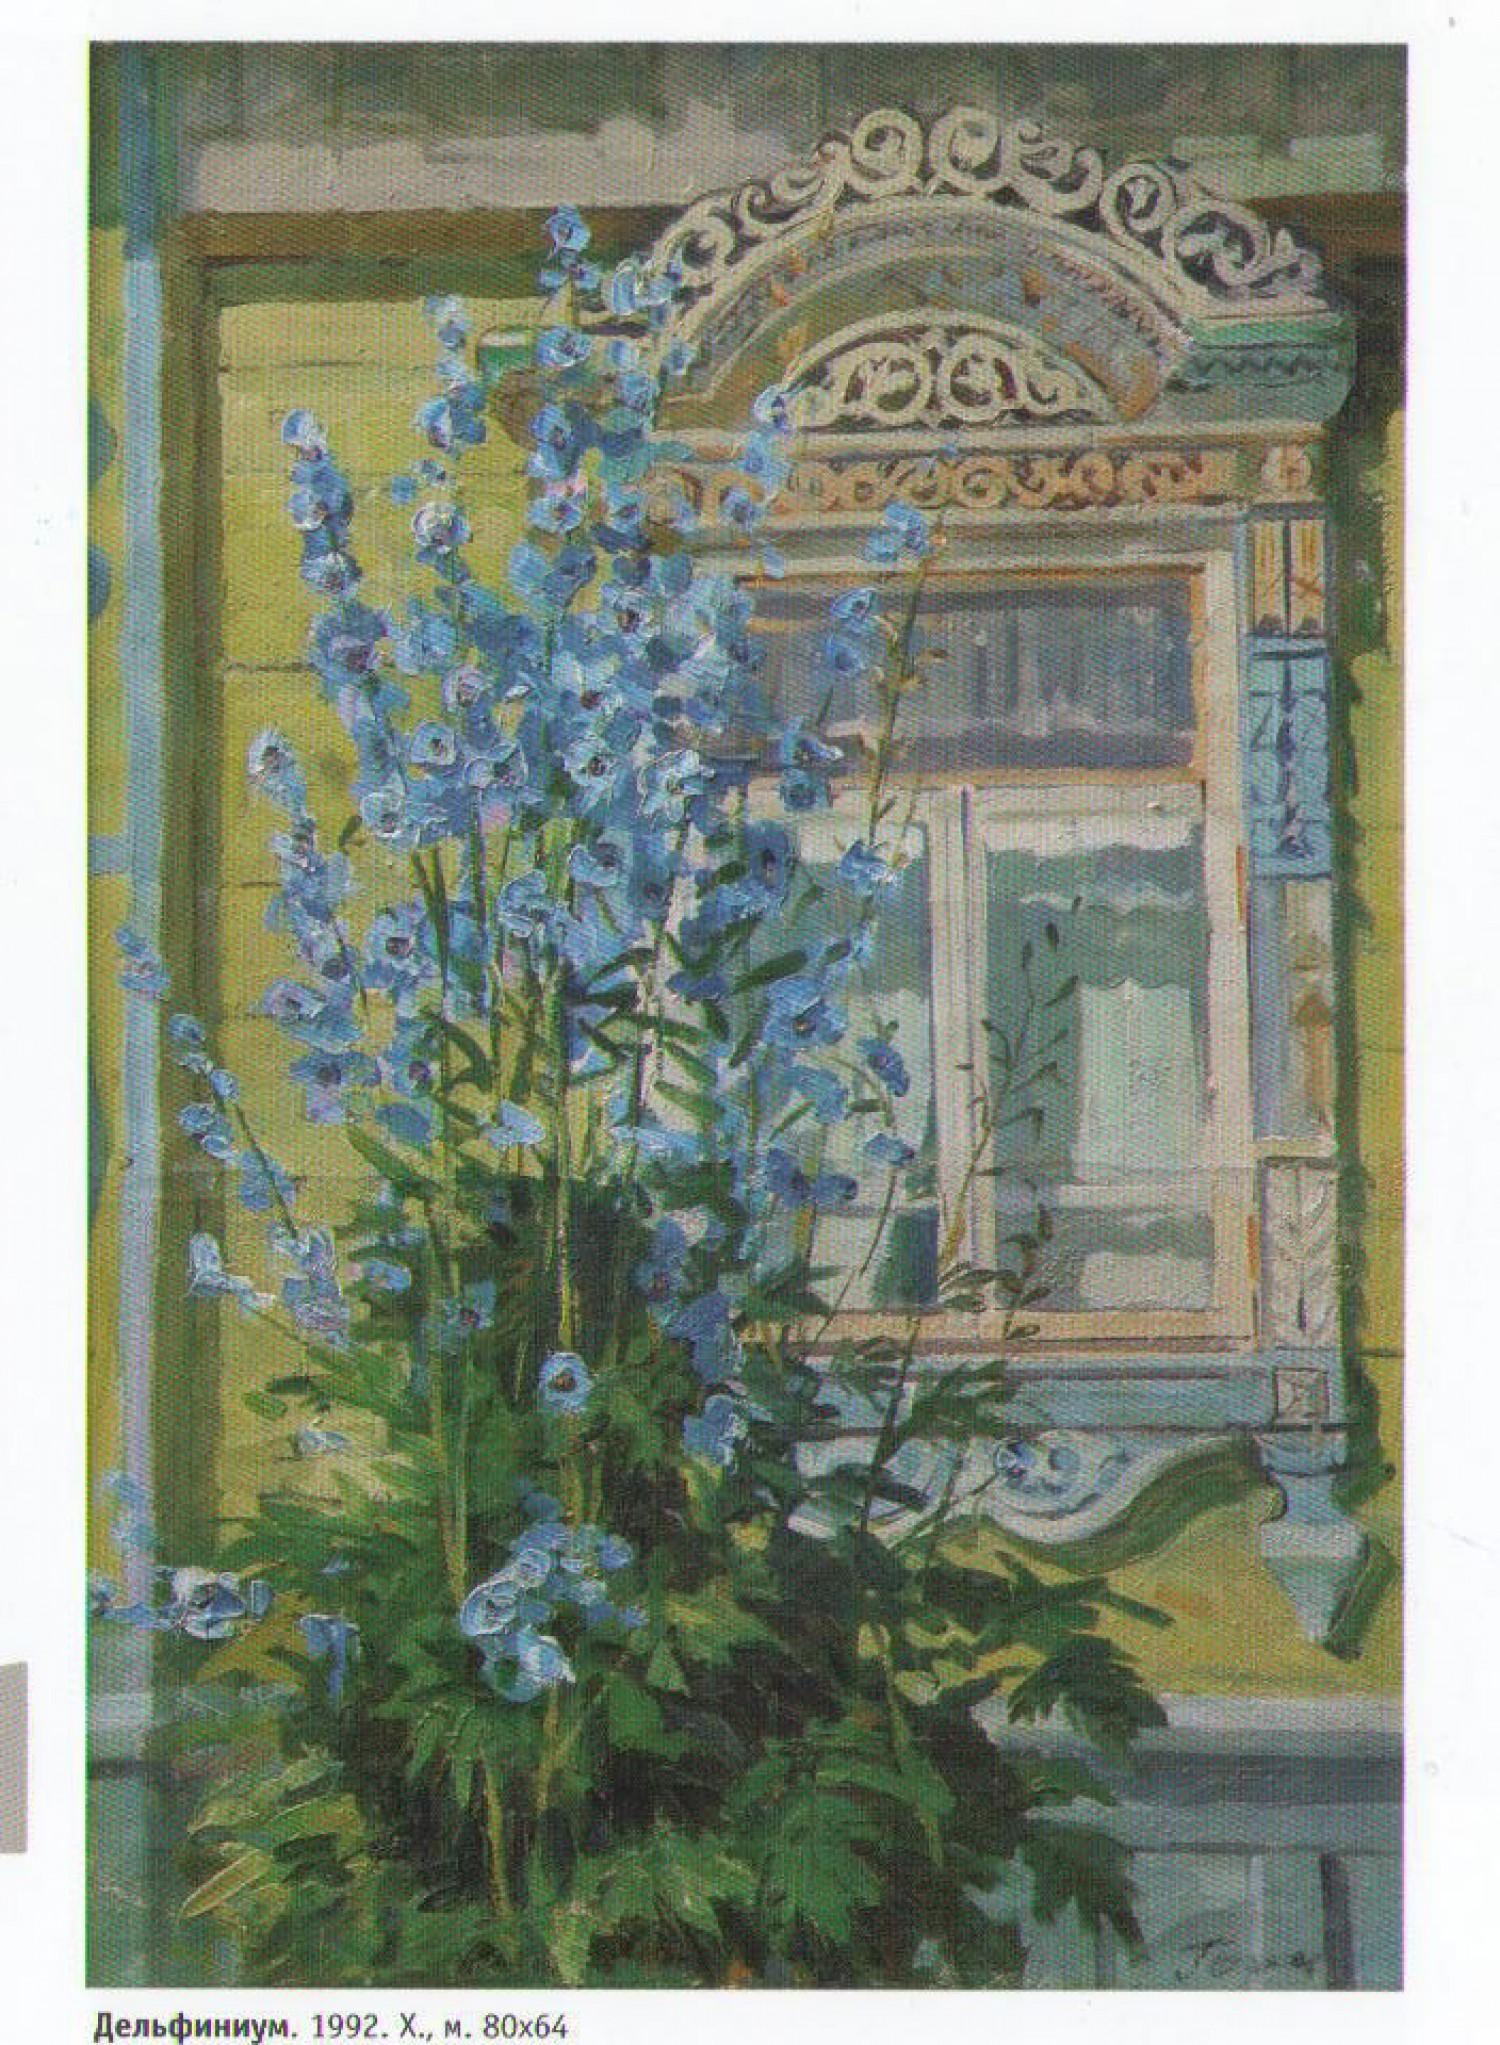 Б.Гогин. Дельфиниум. Х.м., 80х64. 1997